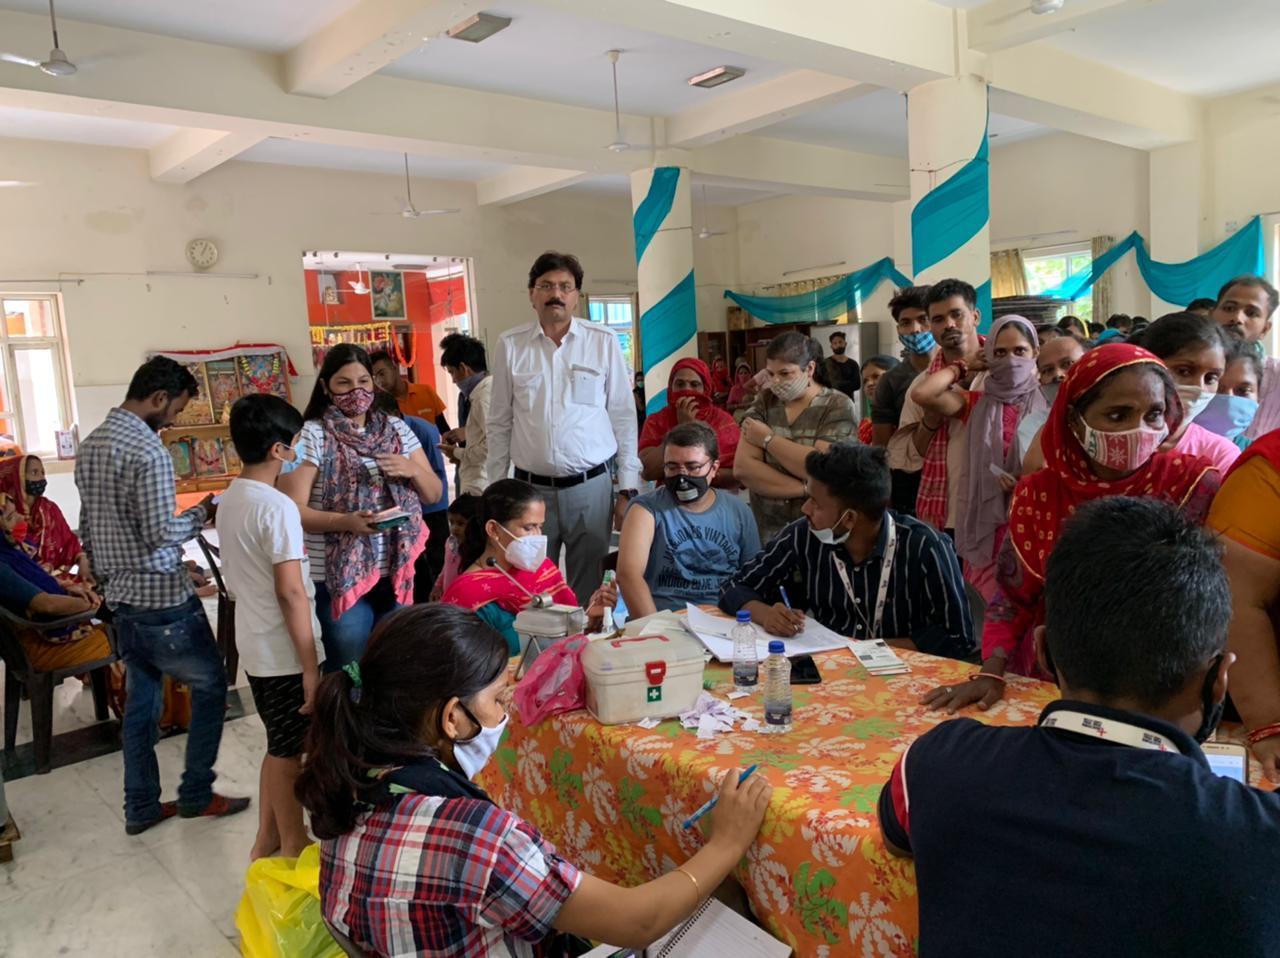 सेक्टर 5 राम मंदिर में आयोजित वैक्सीनेशन कैंप में 400 लोगों ने करवाया टीकाकरण